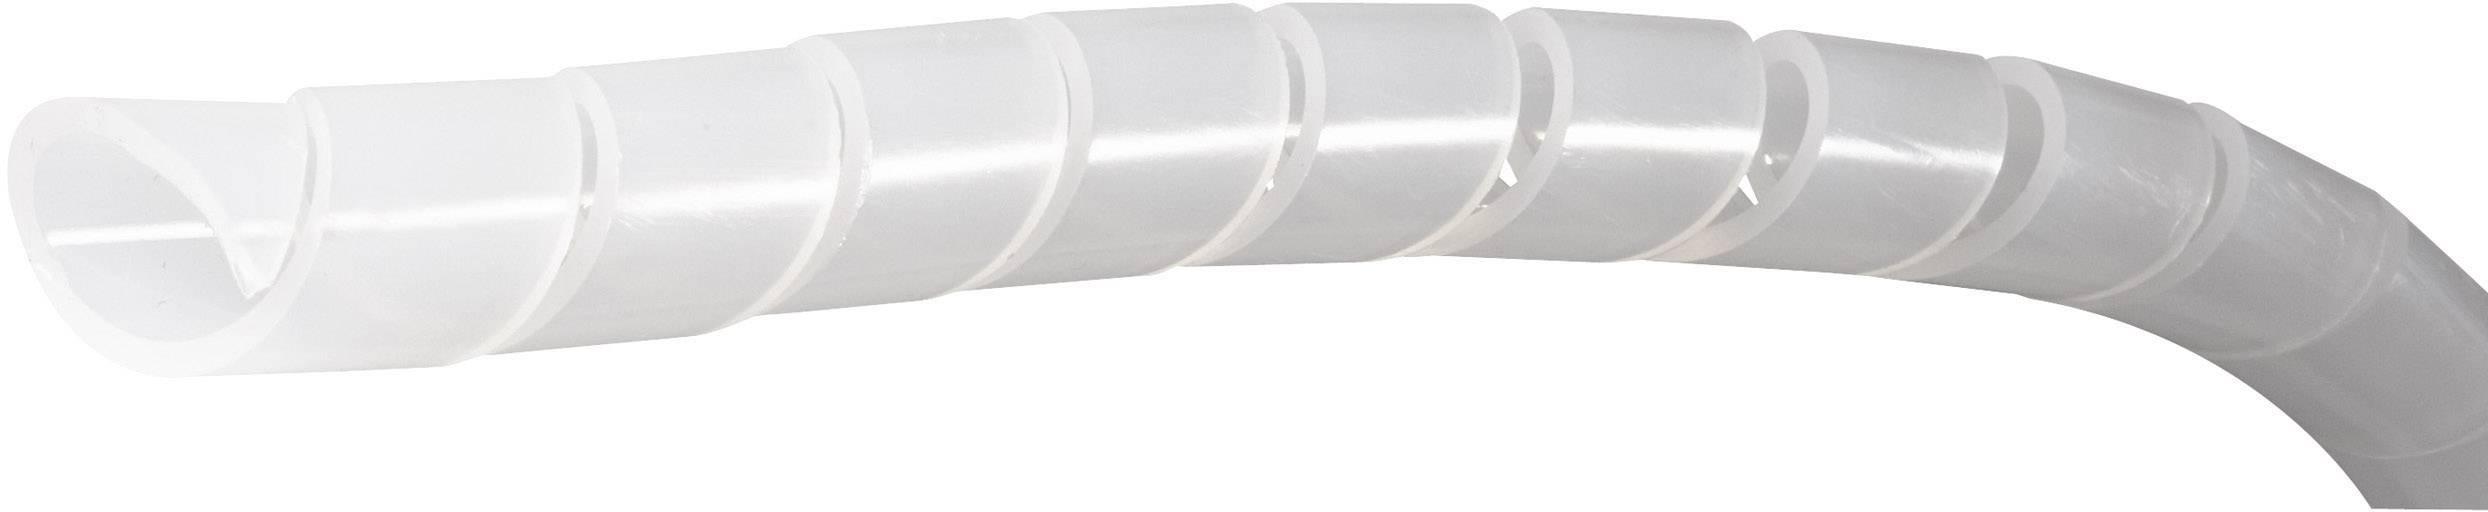 Špirálový káblový oplet PB Fastener SB 100 E, 13 do 70 mm, metrový tovar, prírodná